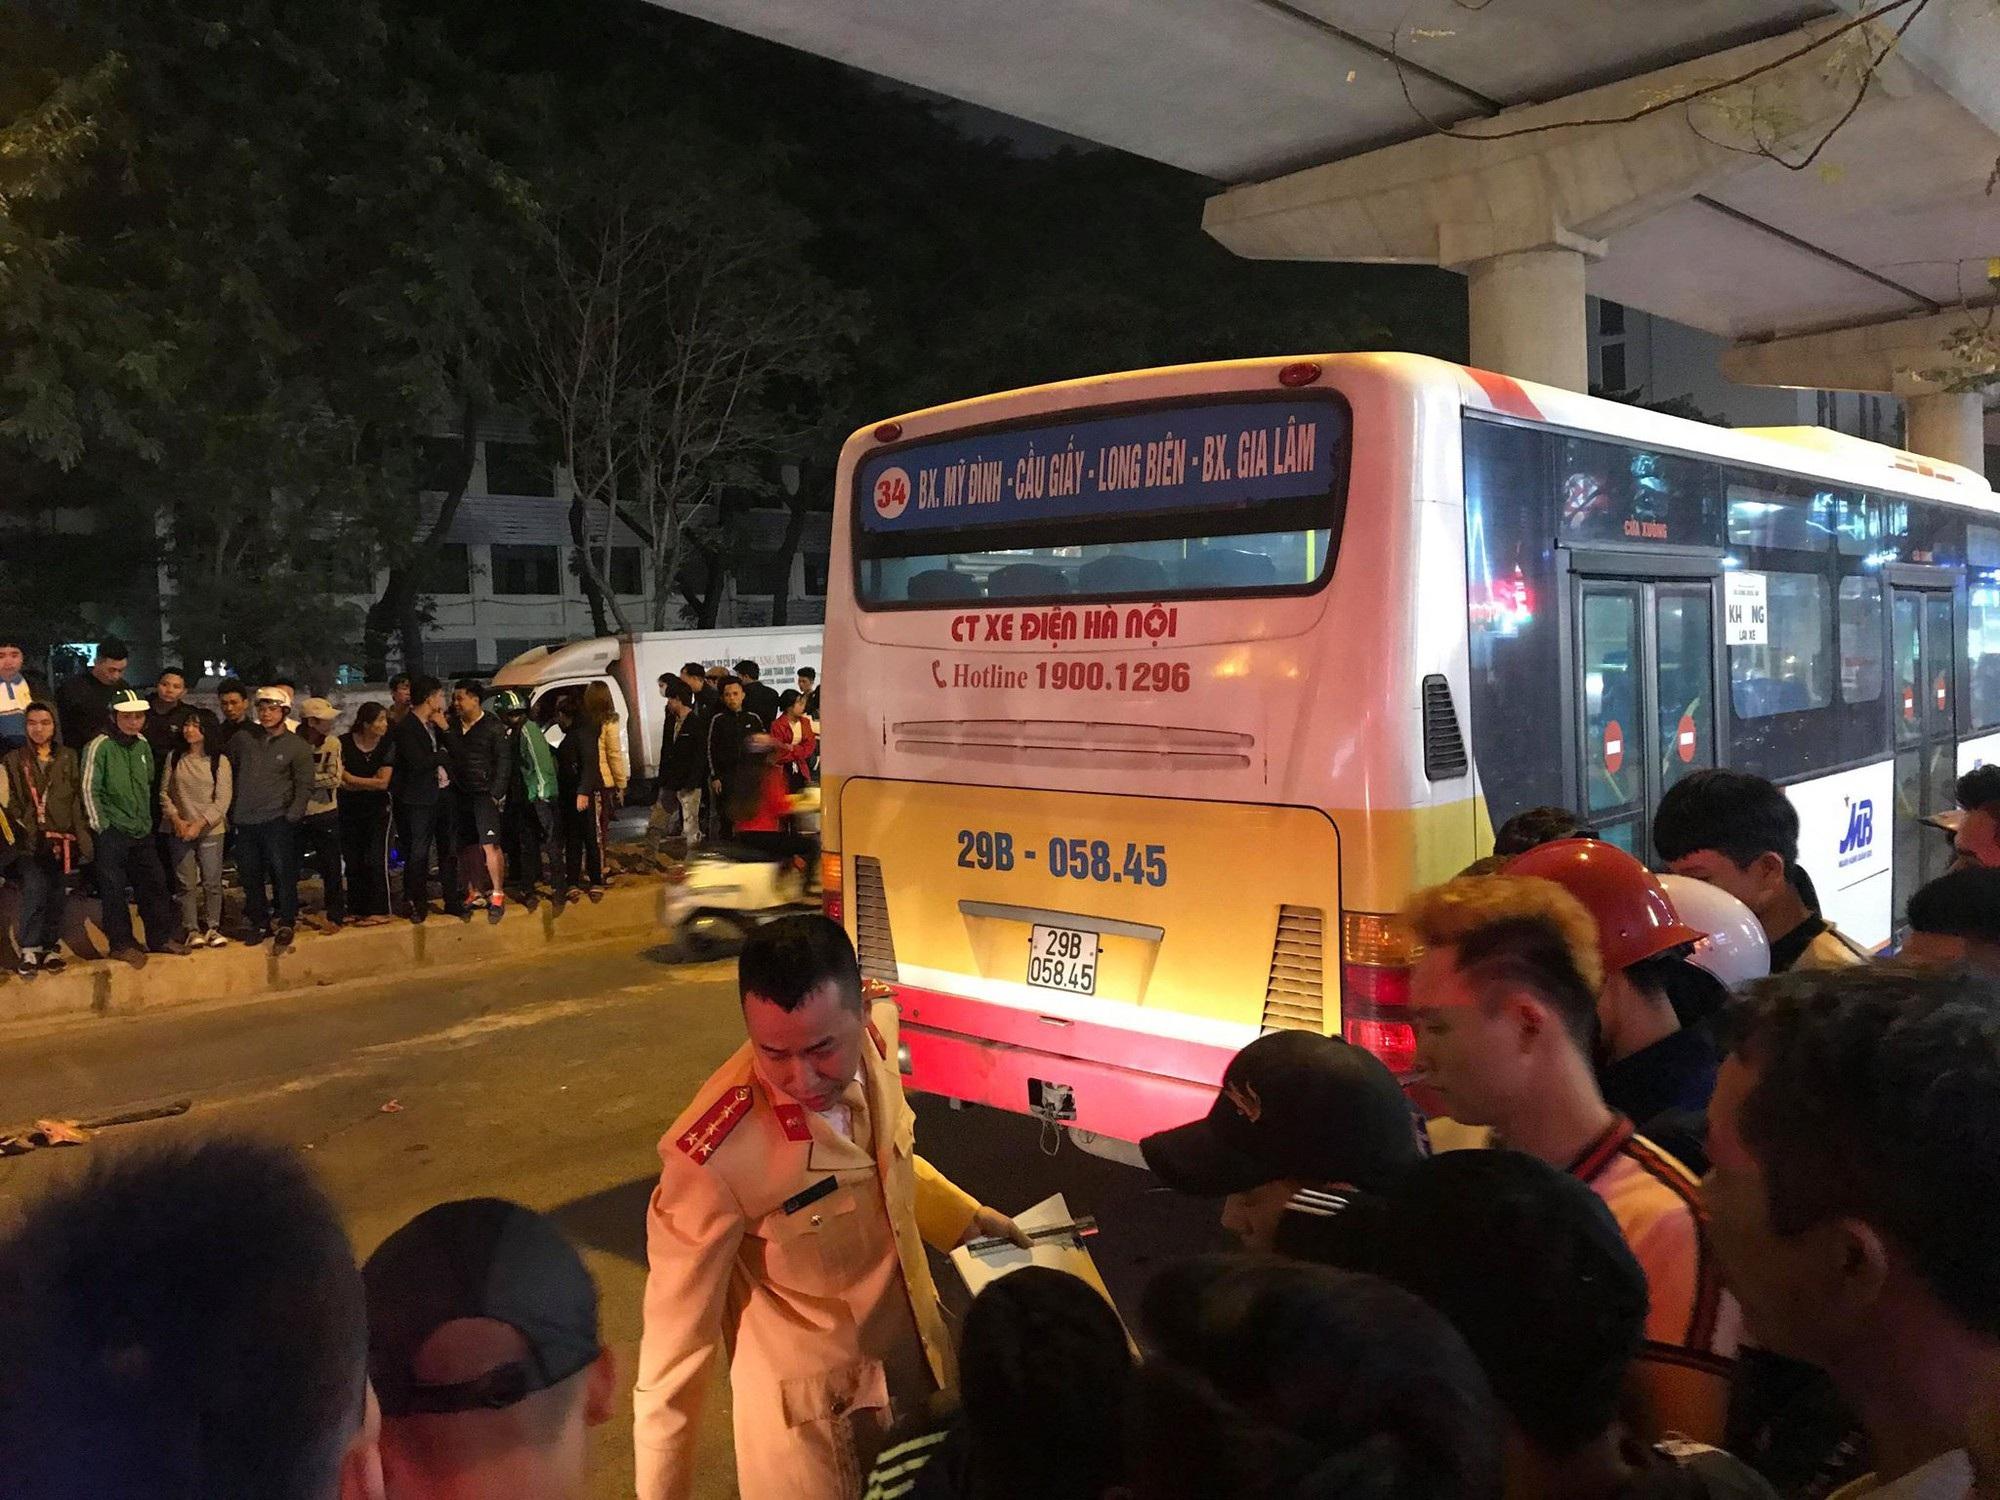 Hà Nội: Va chạm với ô tô con, nữ sinh bị xe buýt cán tử vong - Ảnh 2.